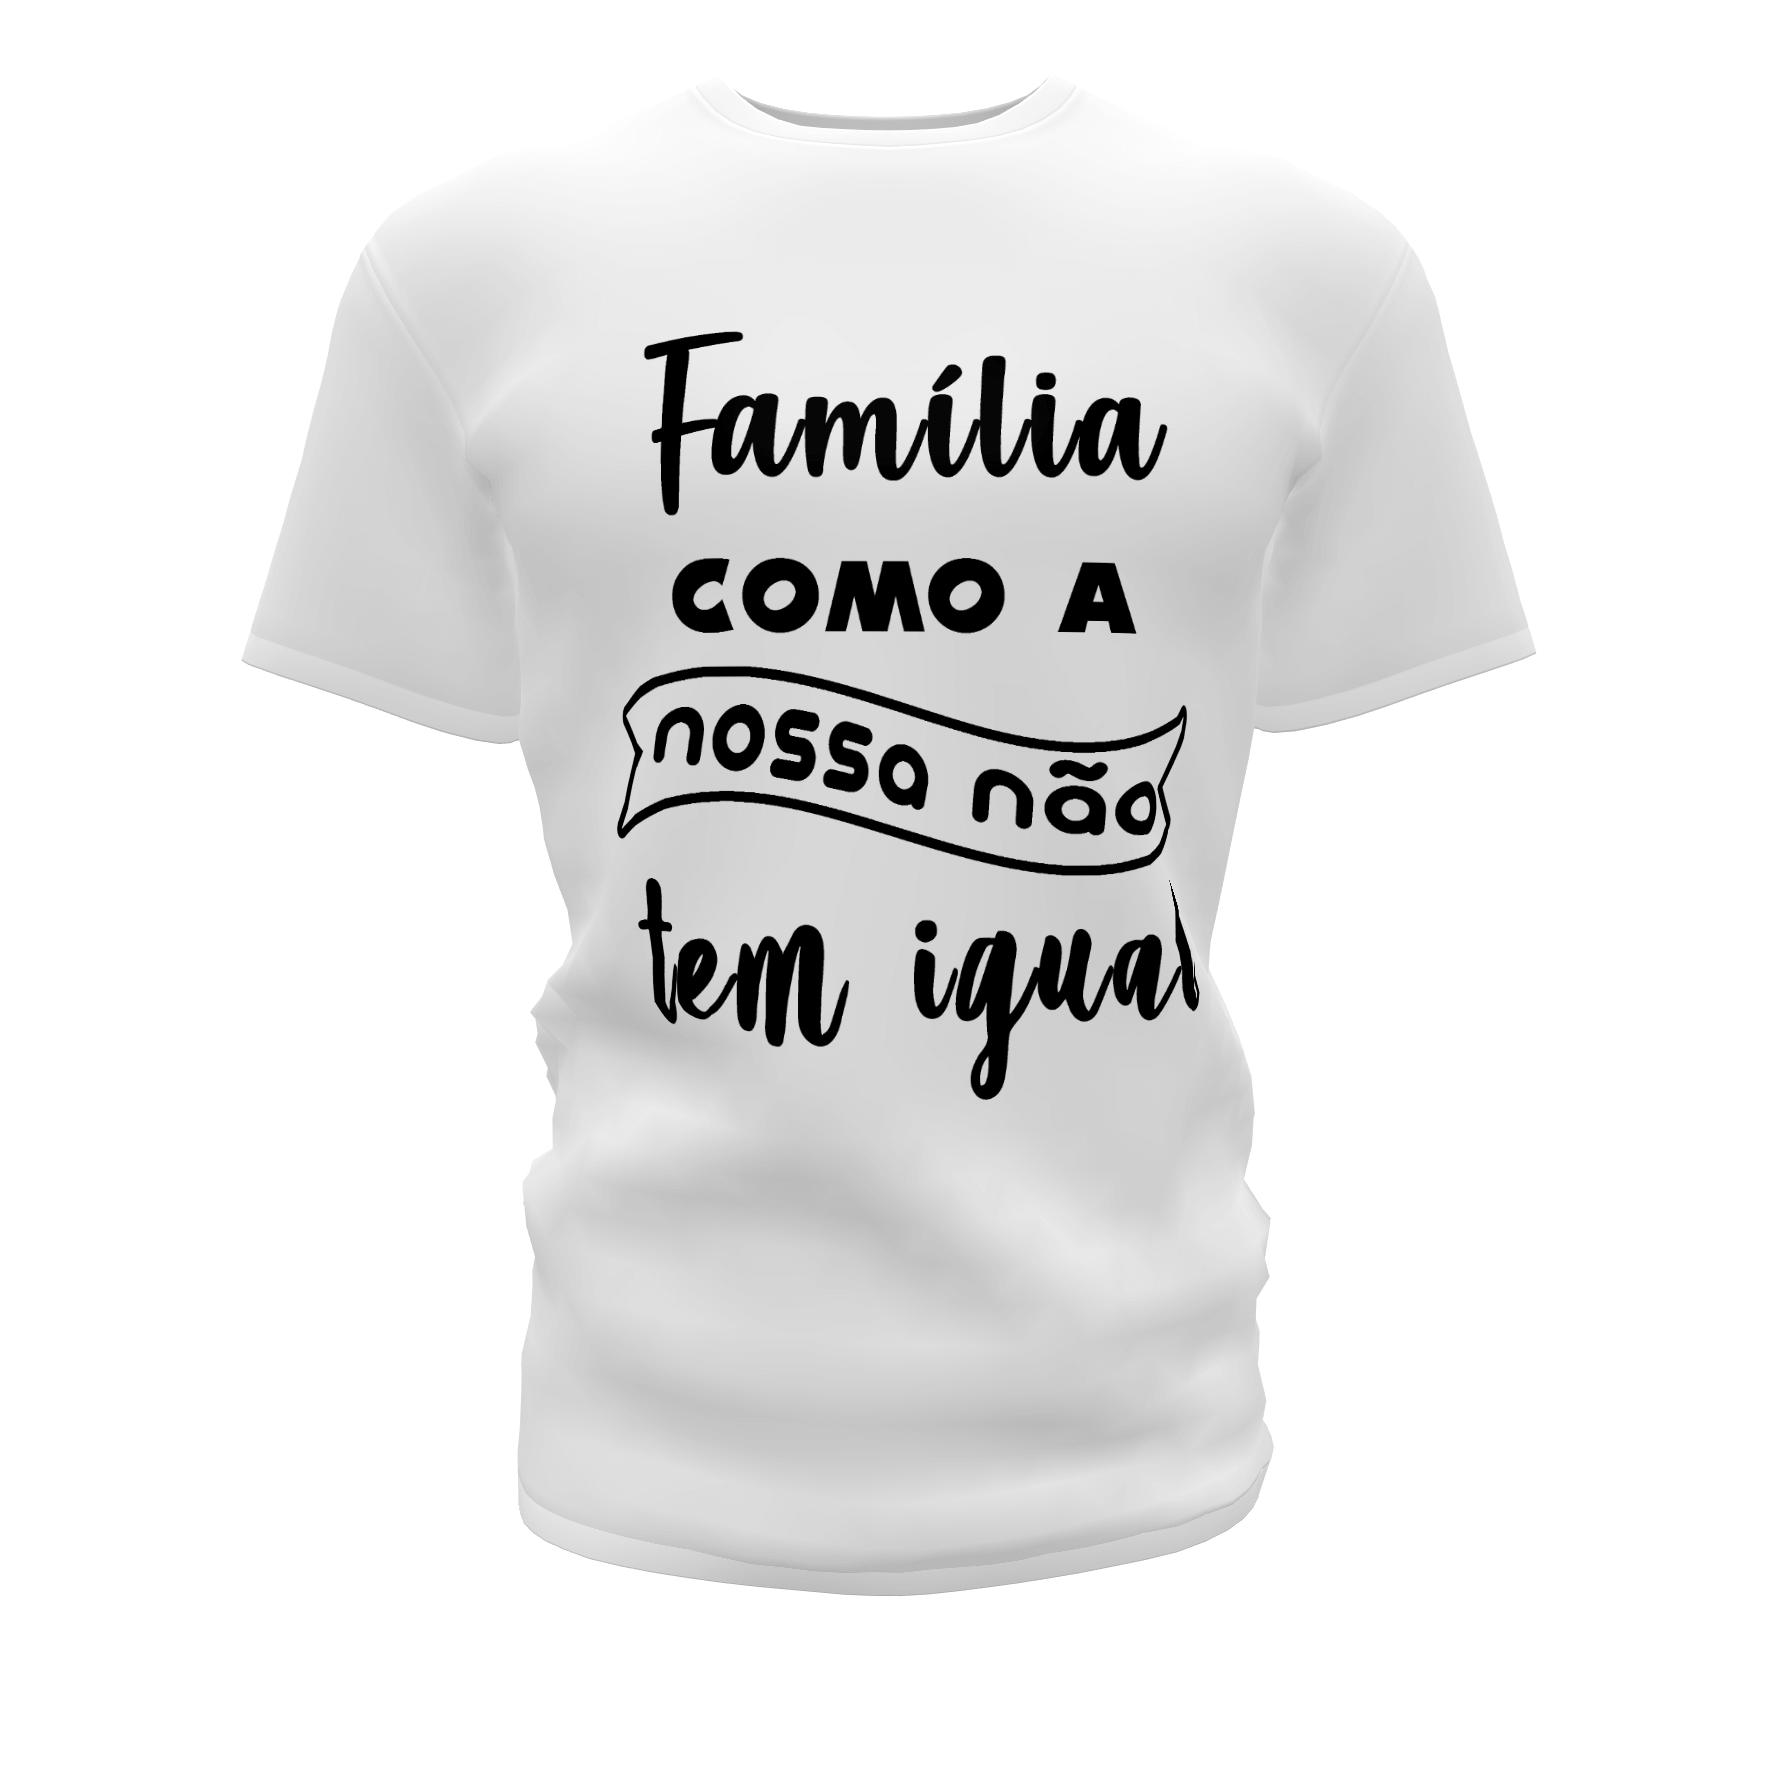 Camisetas Personalizadas para Festa de Família